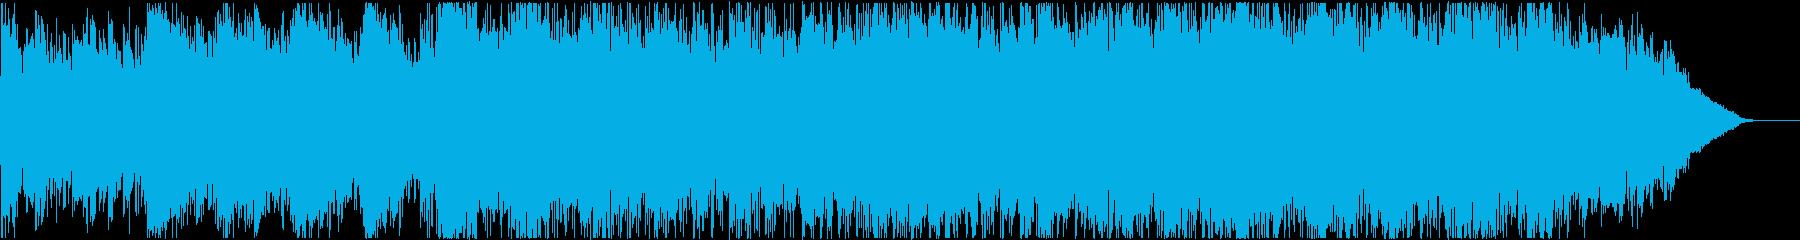 極上の開放感_思わず旅に出たくなるBGMの再生済みの波形